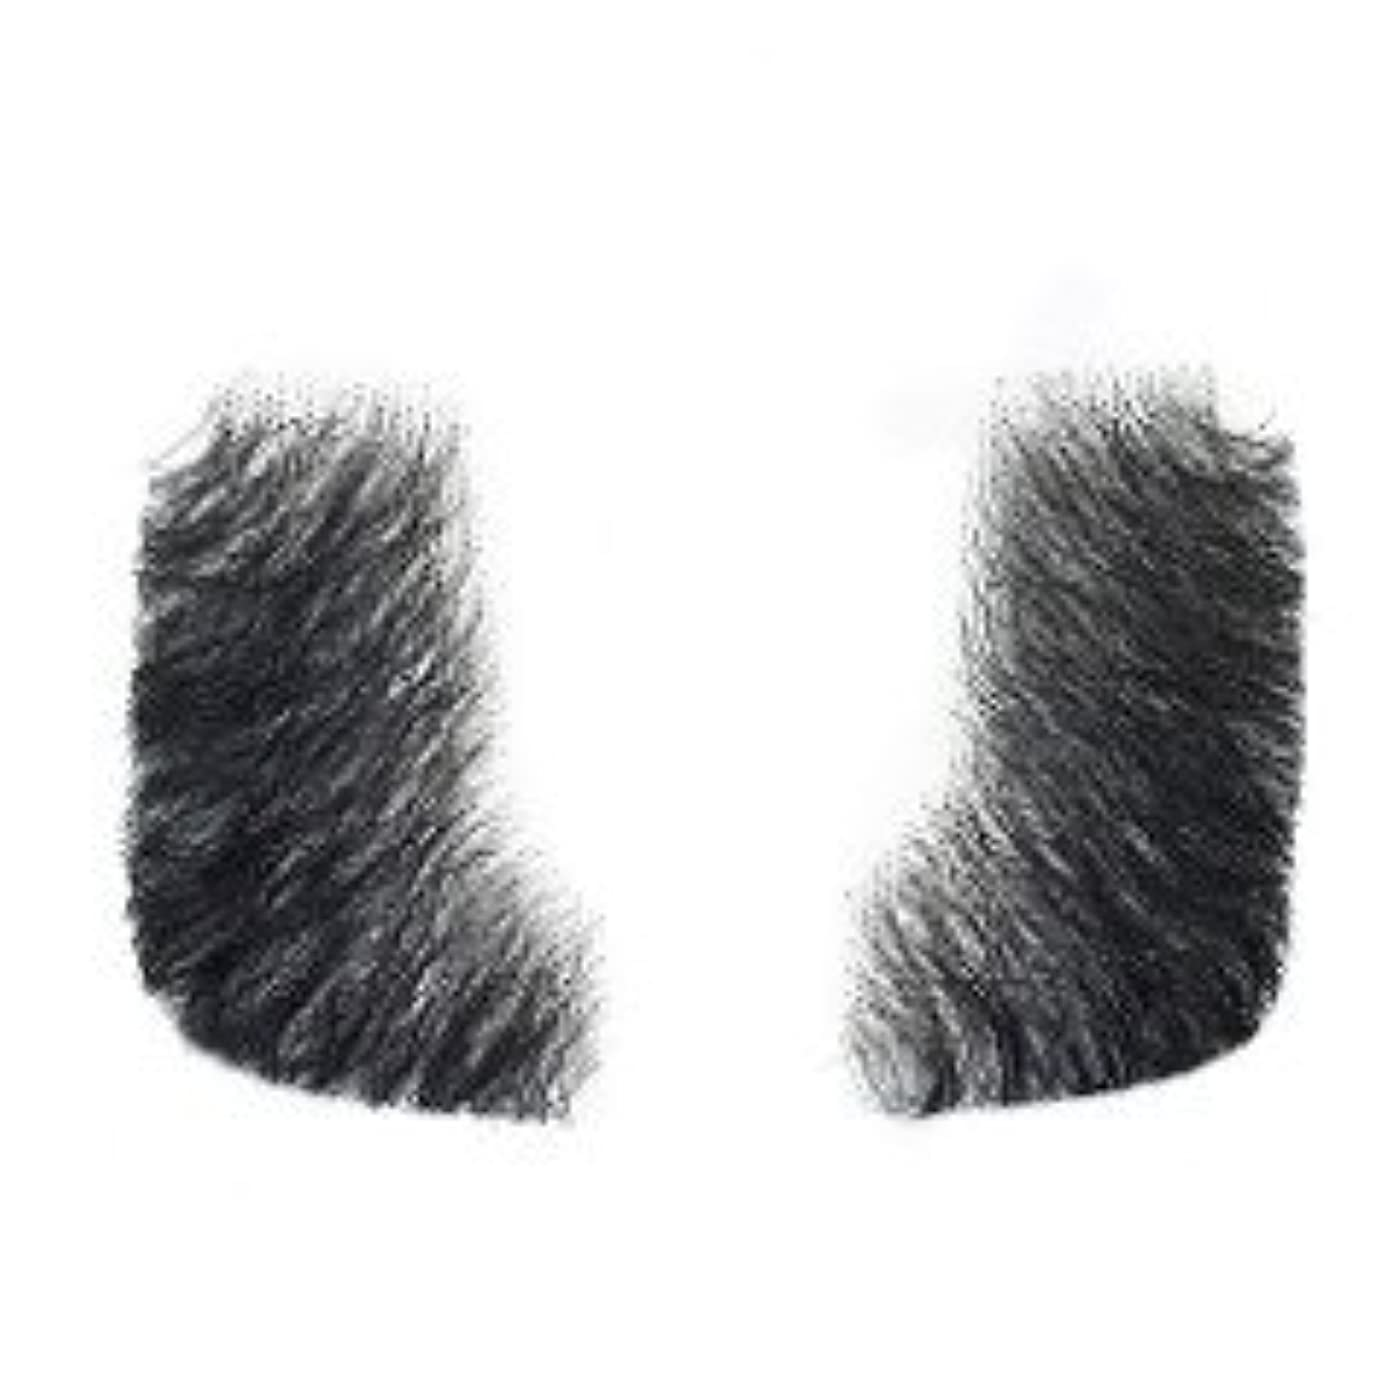 南アメリカ次器用Remeehi つけひげ ほほひげ ヒゲ 男性 人毛 仮装 メイクアップ コスプレ パーテイグッズ